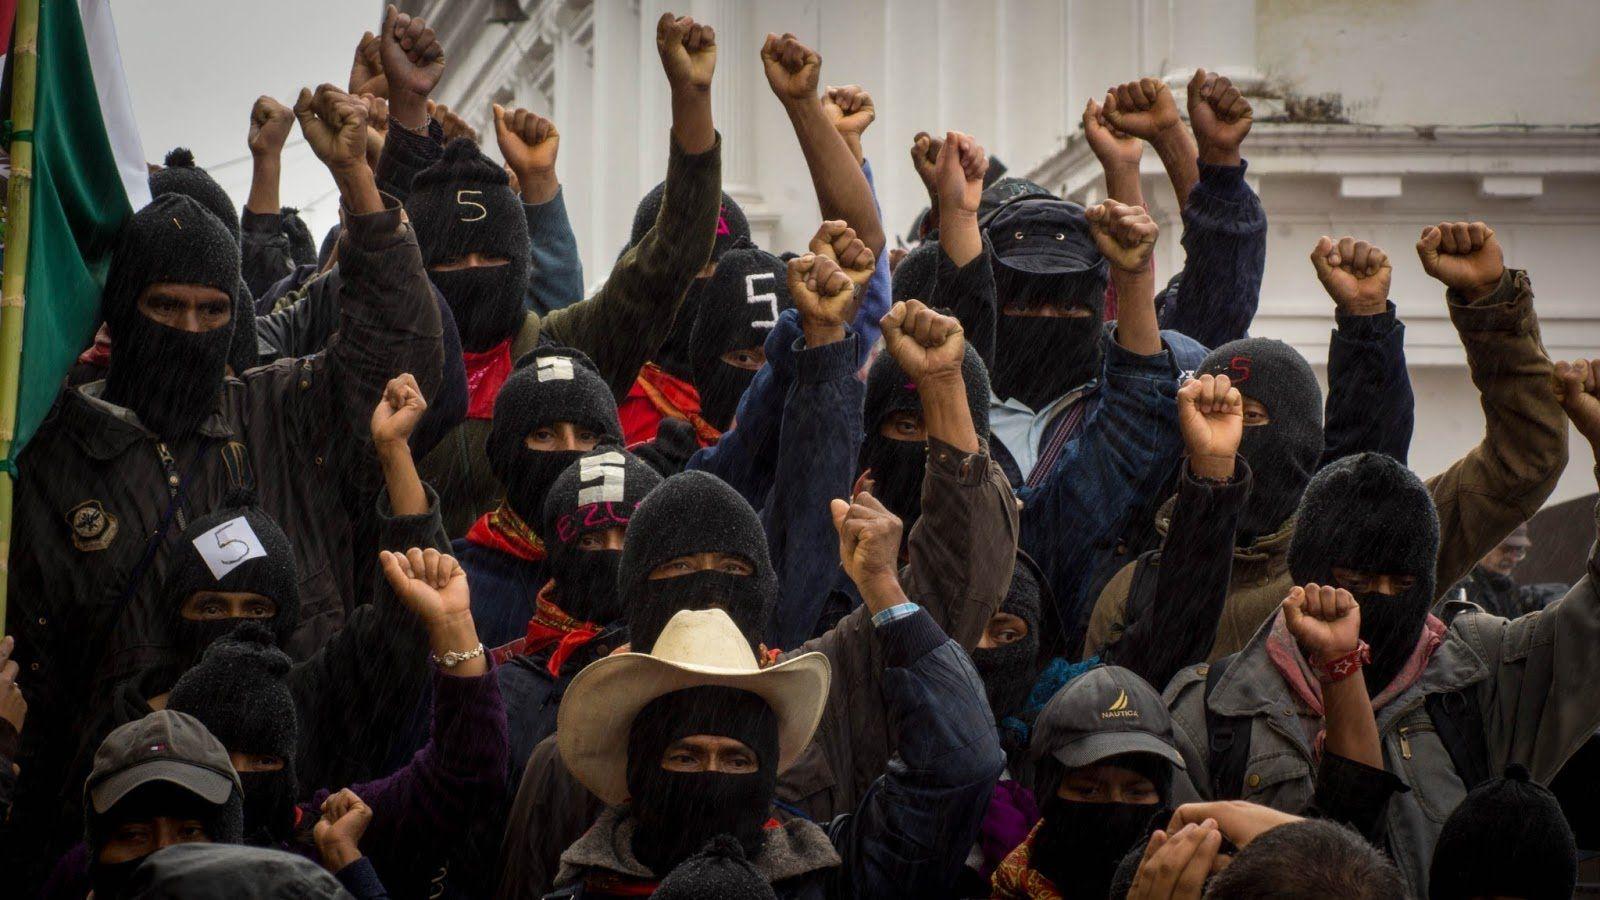 El Silencio de los Zapatistas  por Chiapas Media Project http://chiapasmediaproject.org/silence-zapatistas